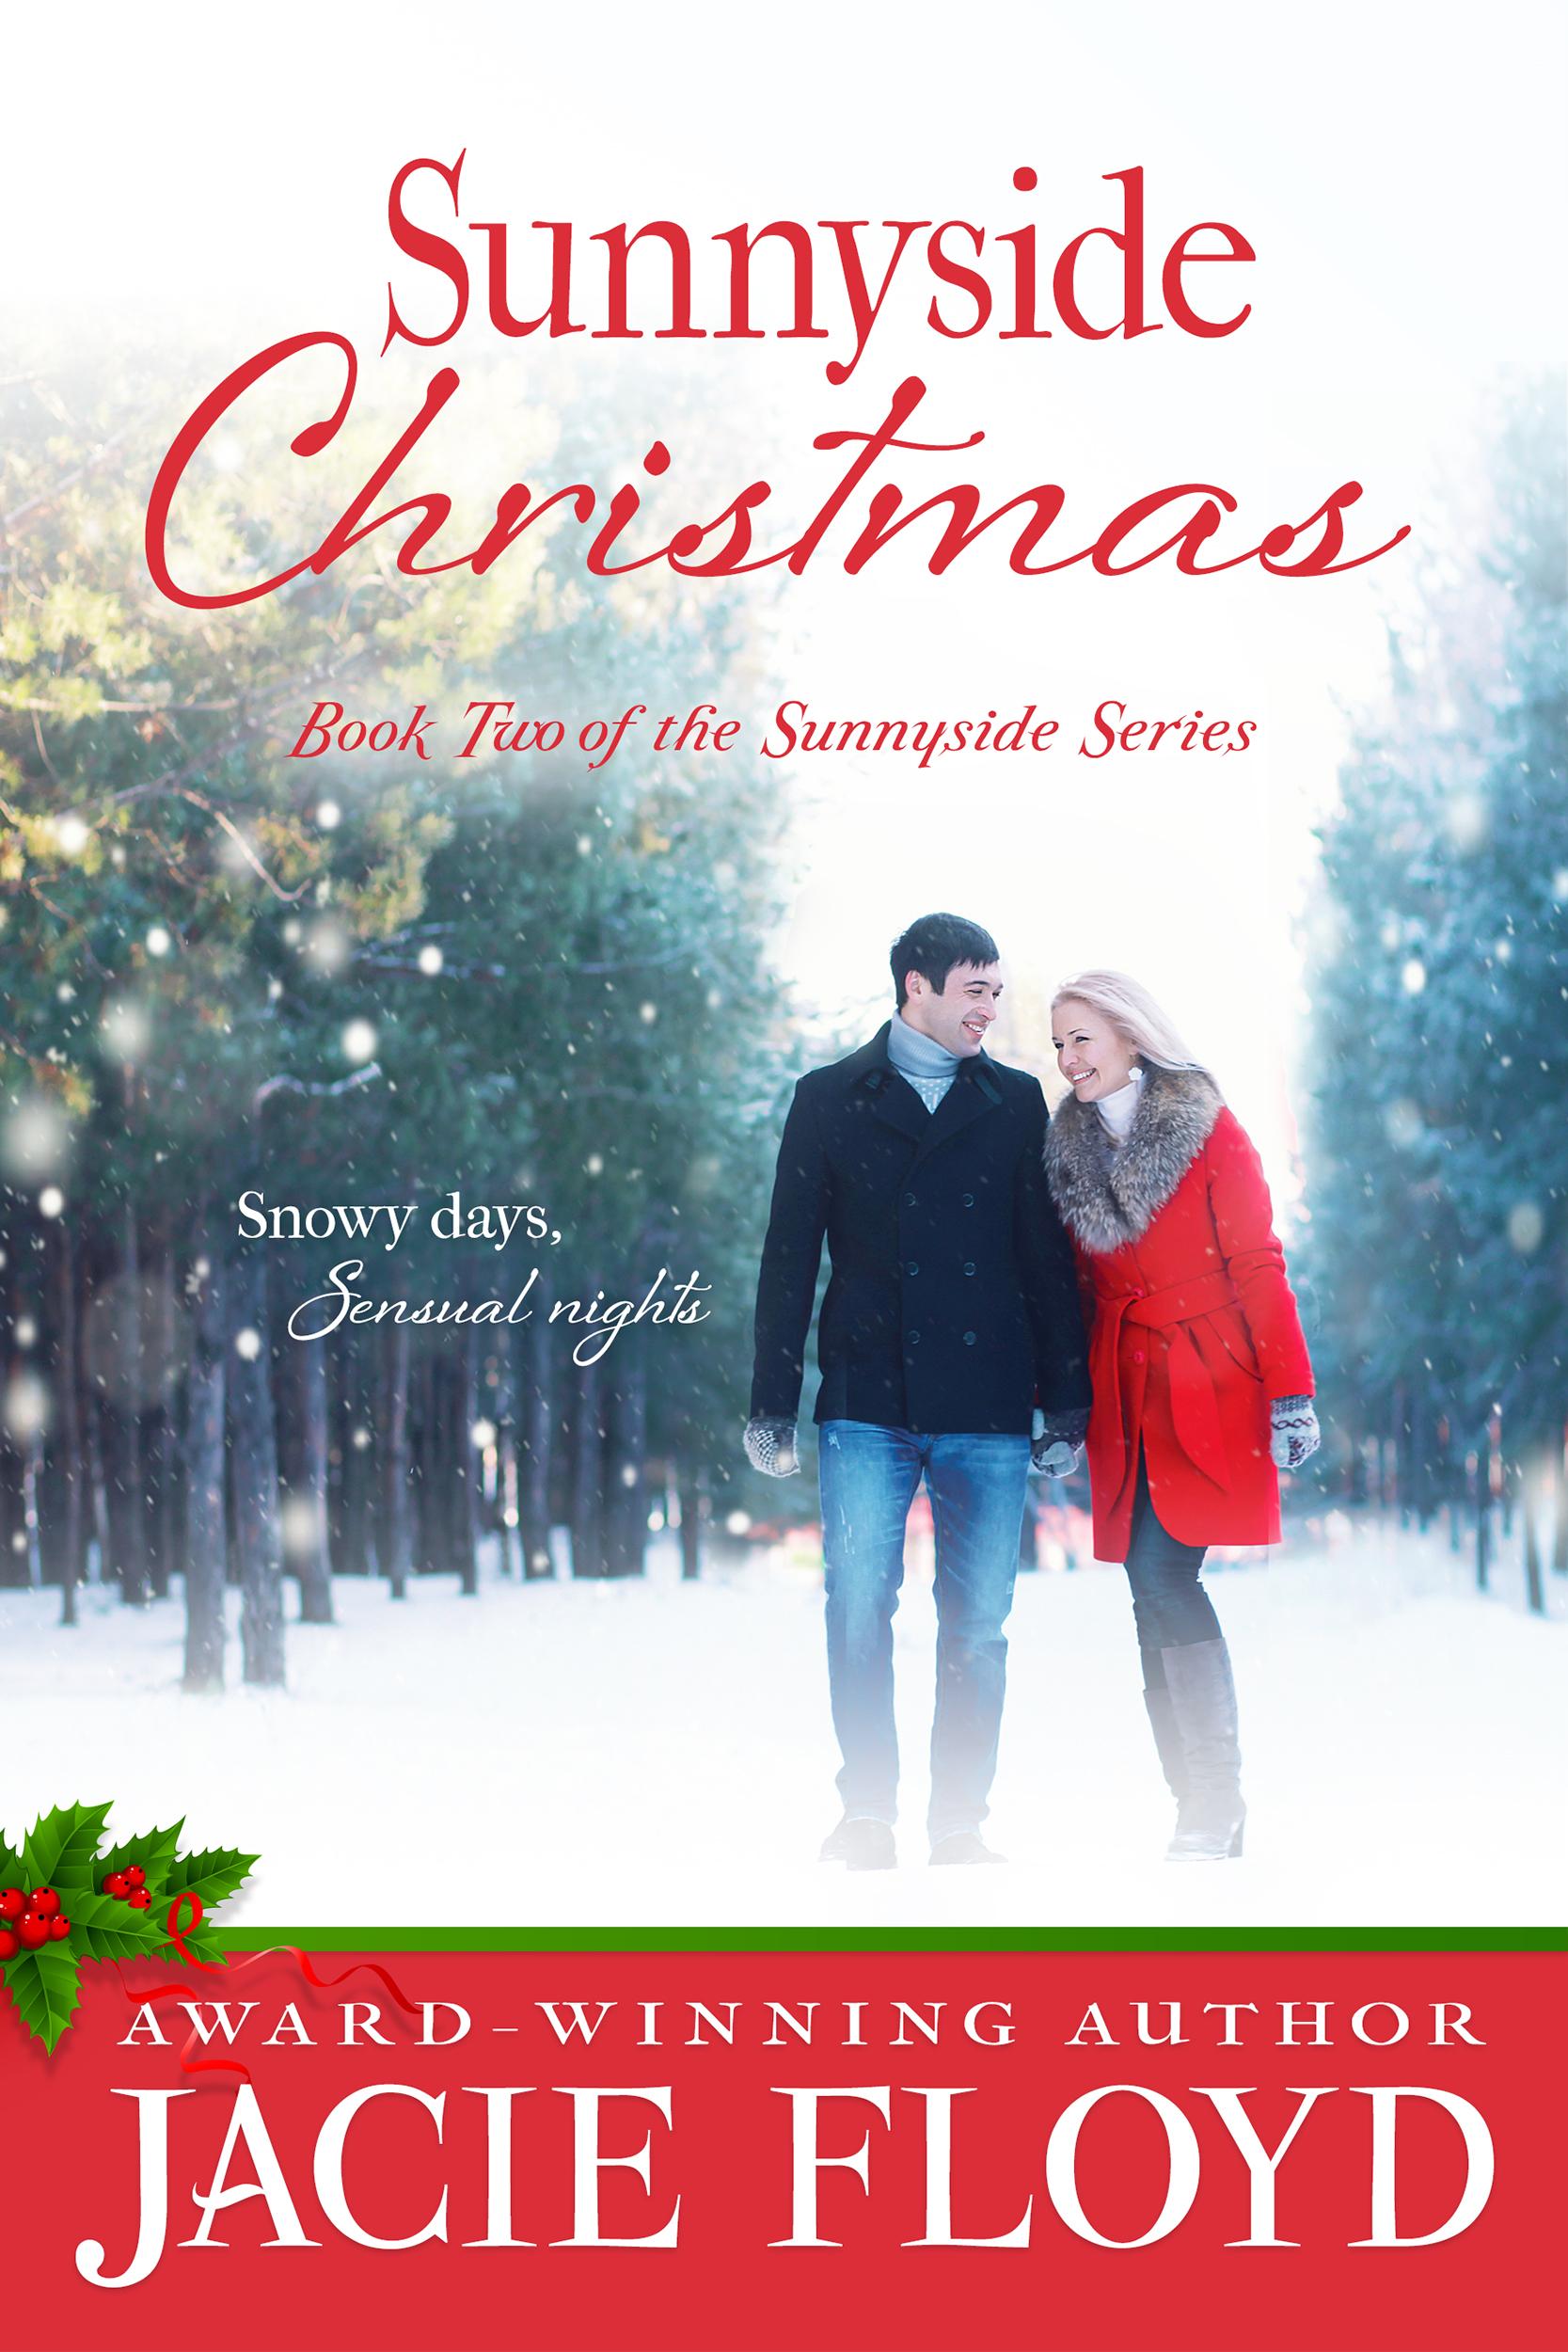 Sunnyside Christmas by Jacie Floyd